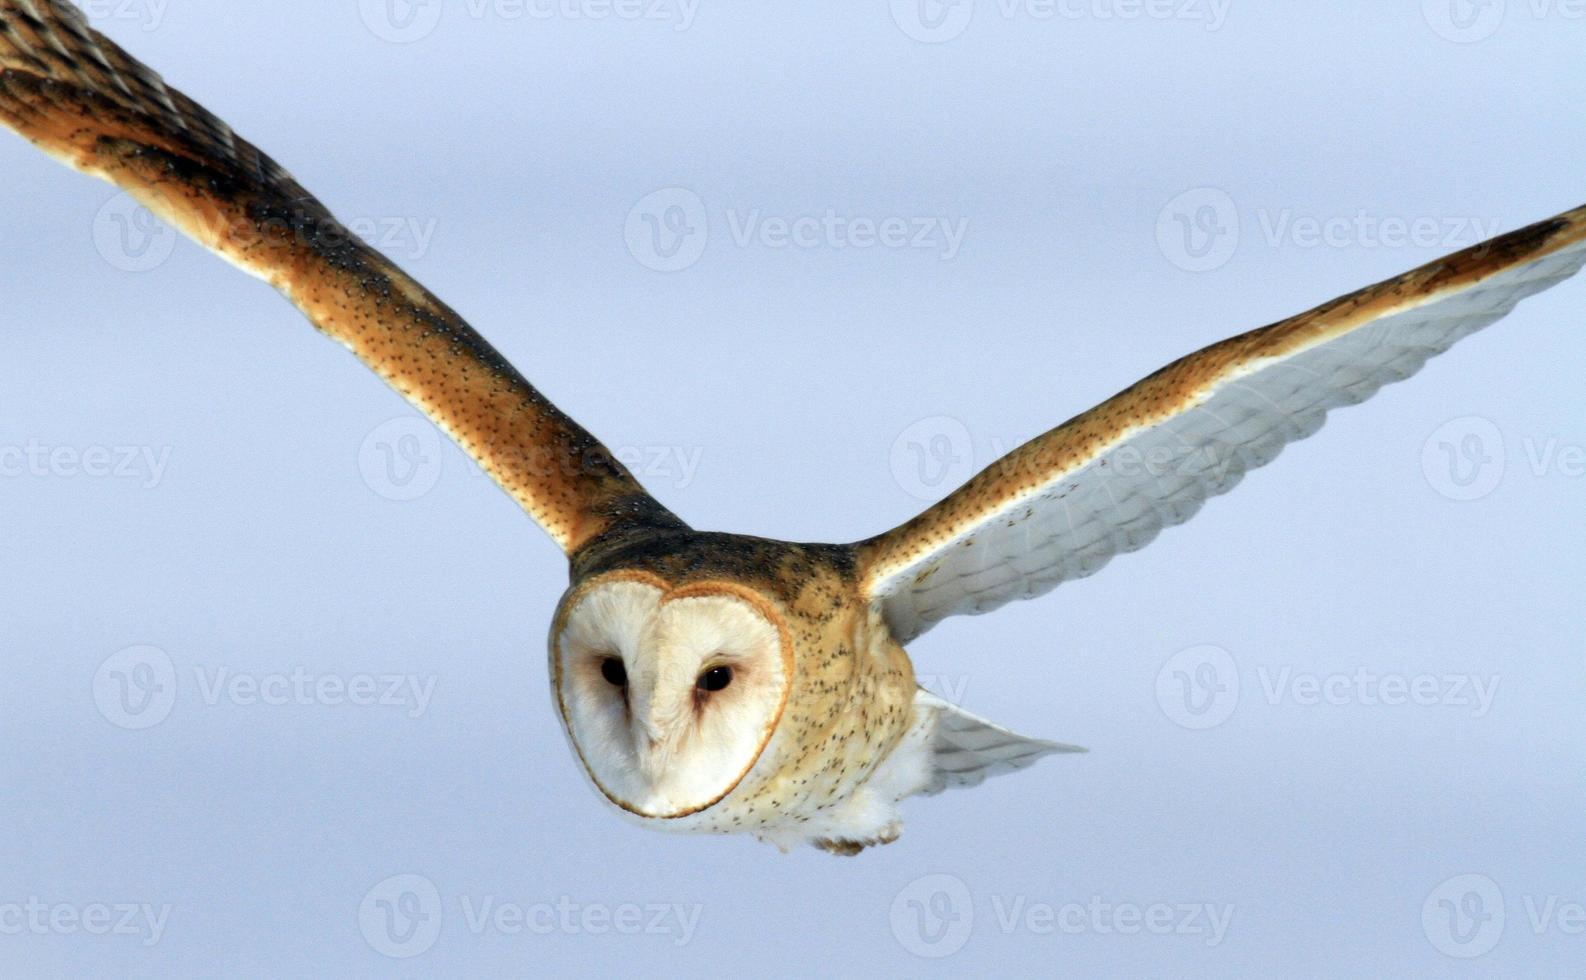 coruja de celeiro em voo farmington bay vida selvagem área utah foto